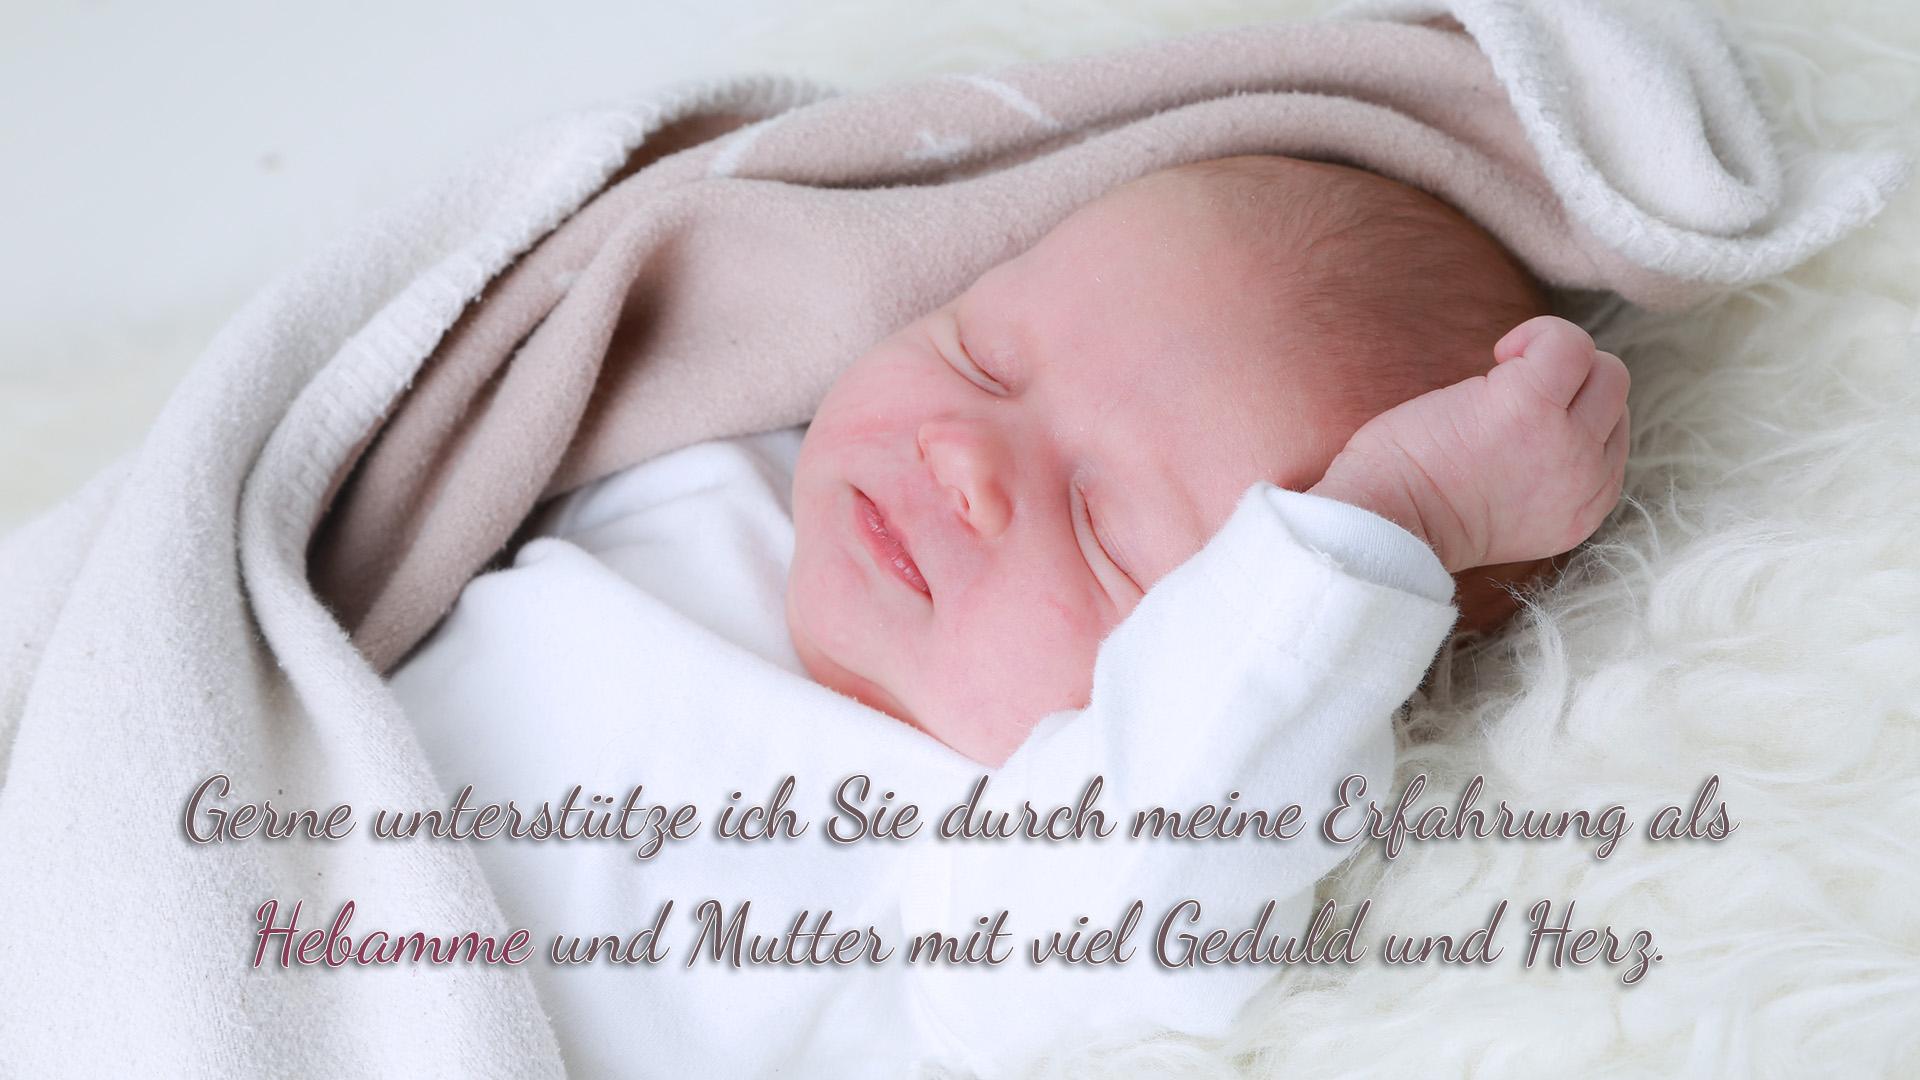 Gerne unterstütze ich - Daniela Scheidl - Sie durch meine Erfahrung als Hebamme und Mutter mit viel Geduld und Herz.